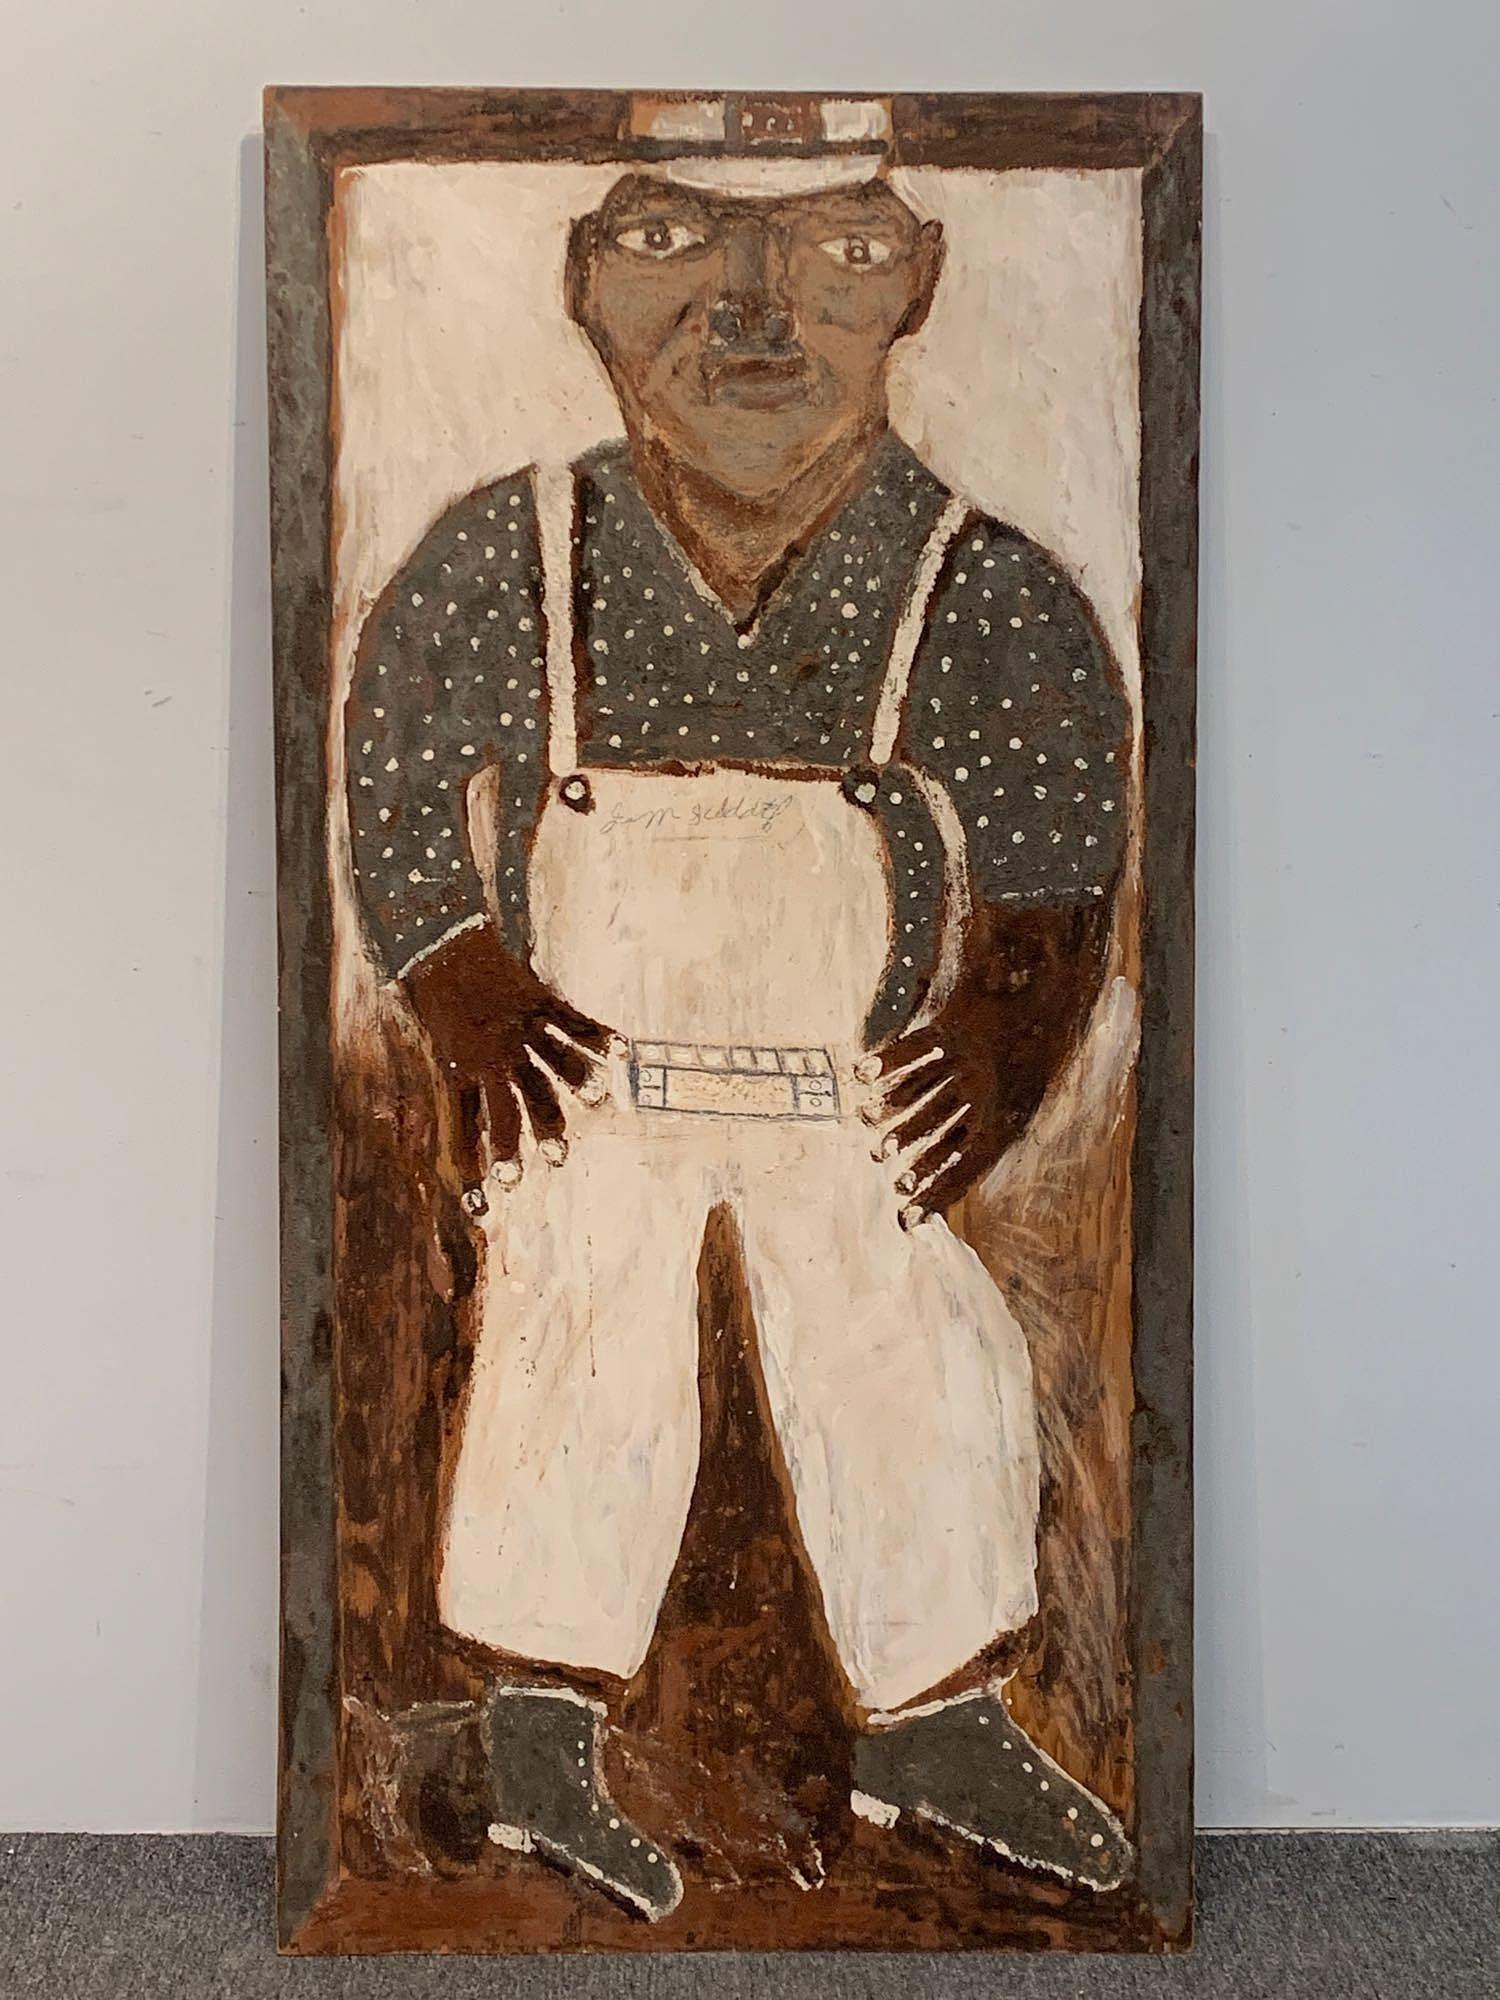 Jimmy Lee Sudduth. Mud & Paint, Self-Portrait